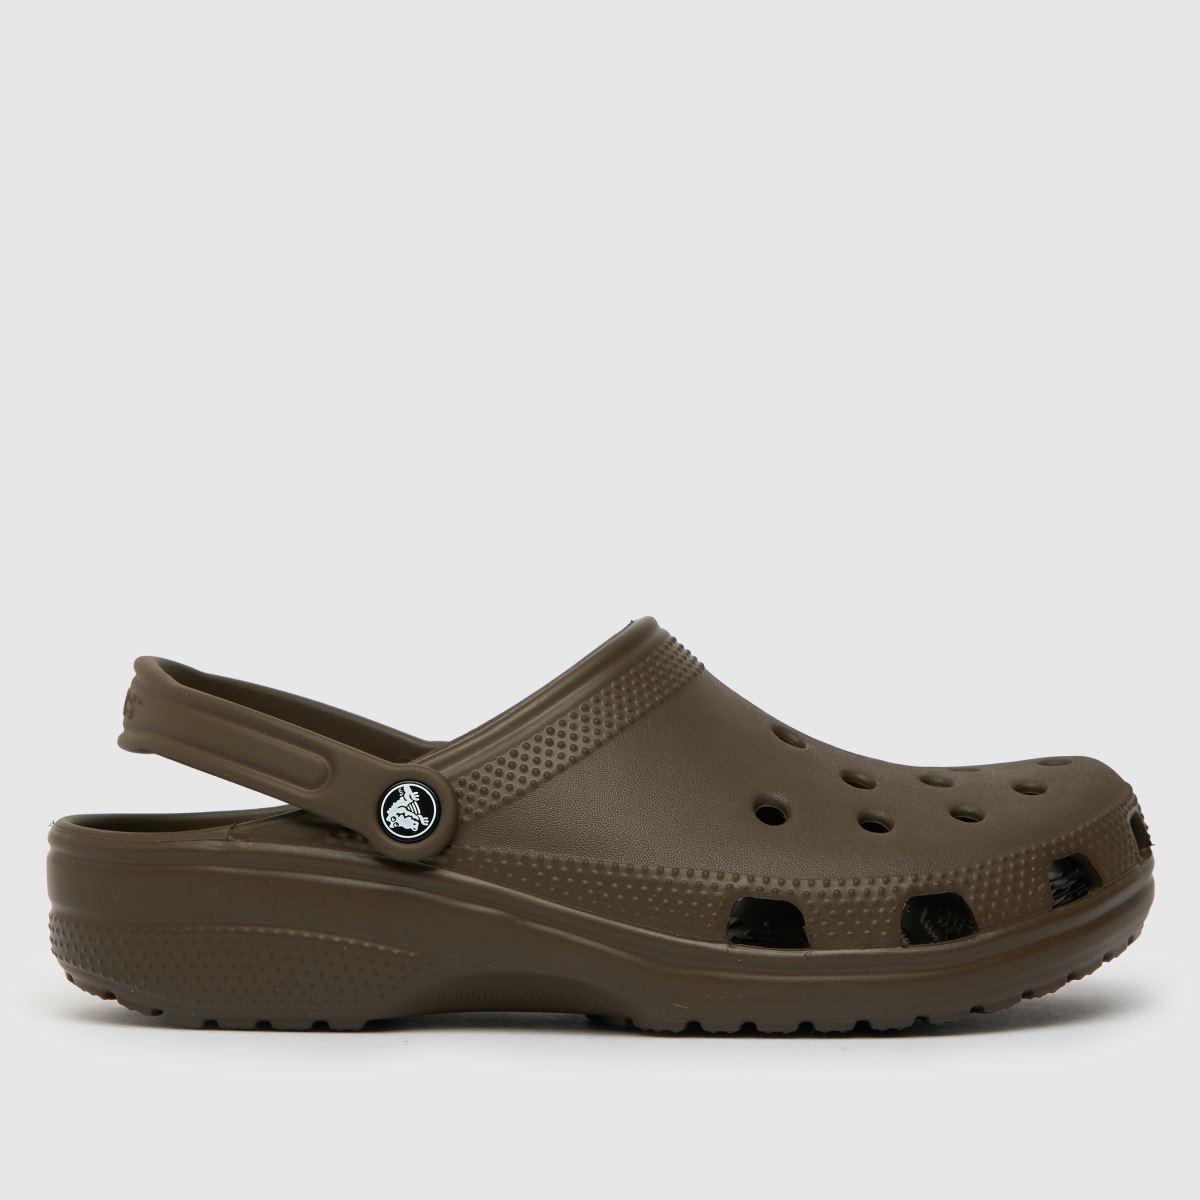 Crocs Brown Classic Sandals